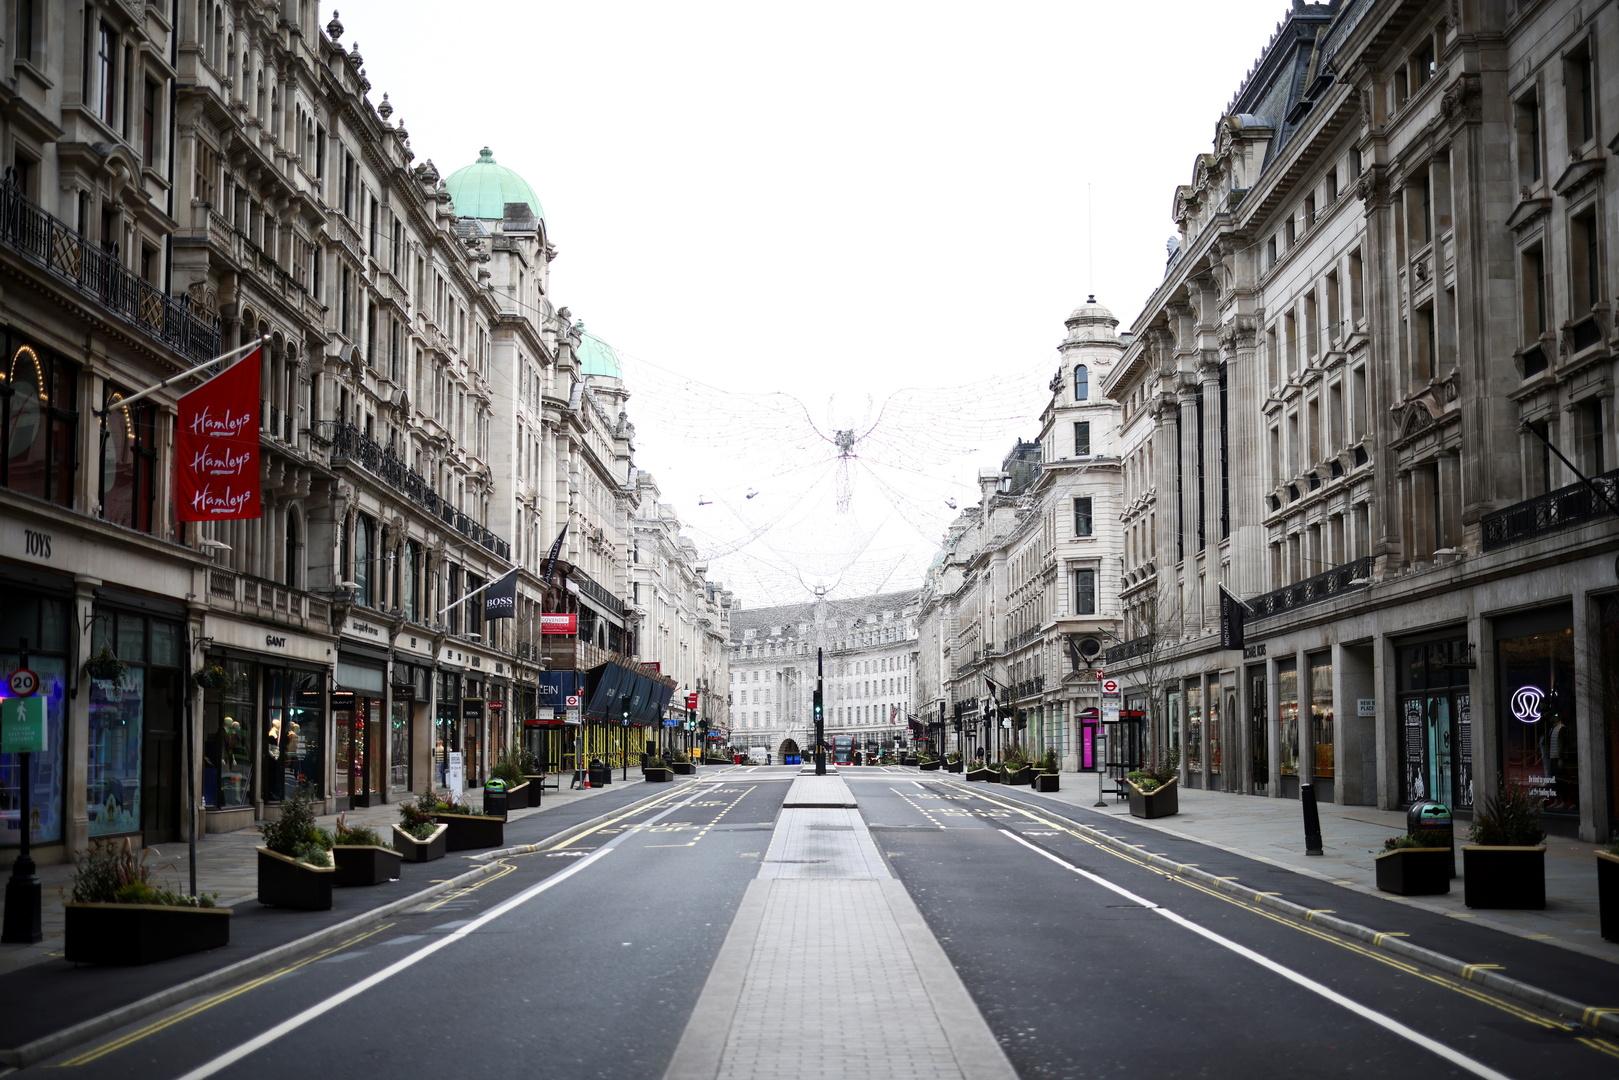 لندن في زمن جائحة فيروس كورونا.